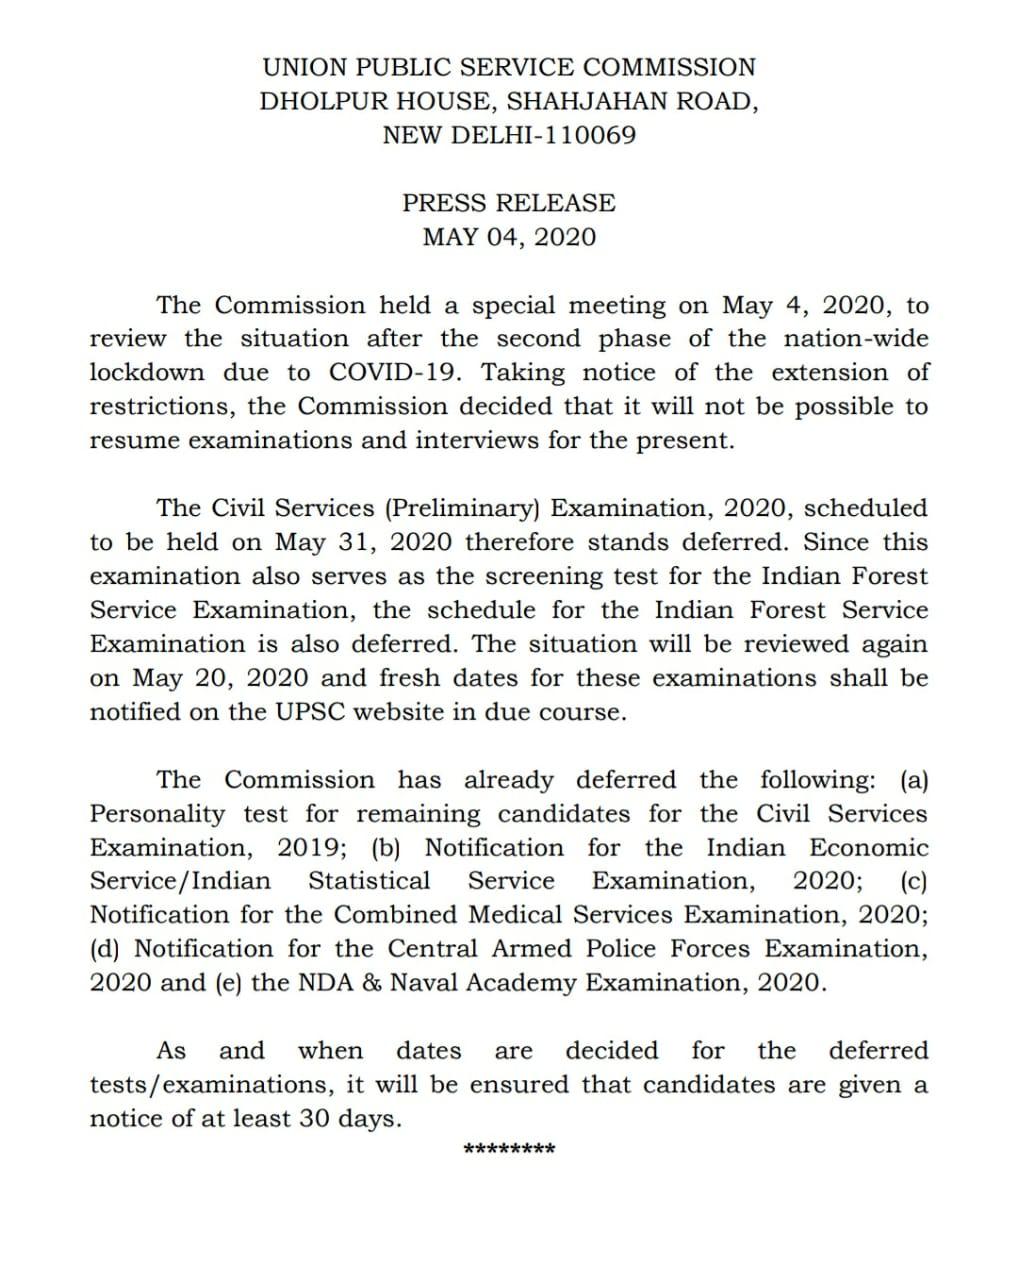 1 मई 2020 को प्रस्तावित संघ लोक सेवा आयोग की सिविल सेवा (प्री) परीक्षा स्थगित, देखें अधिकारिक प्रेस विज्ञप्ति